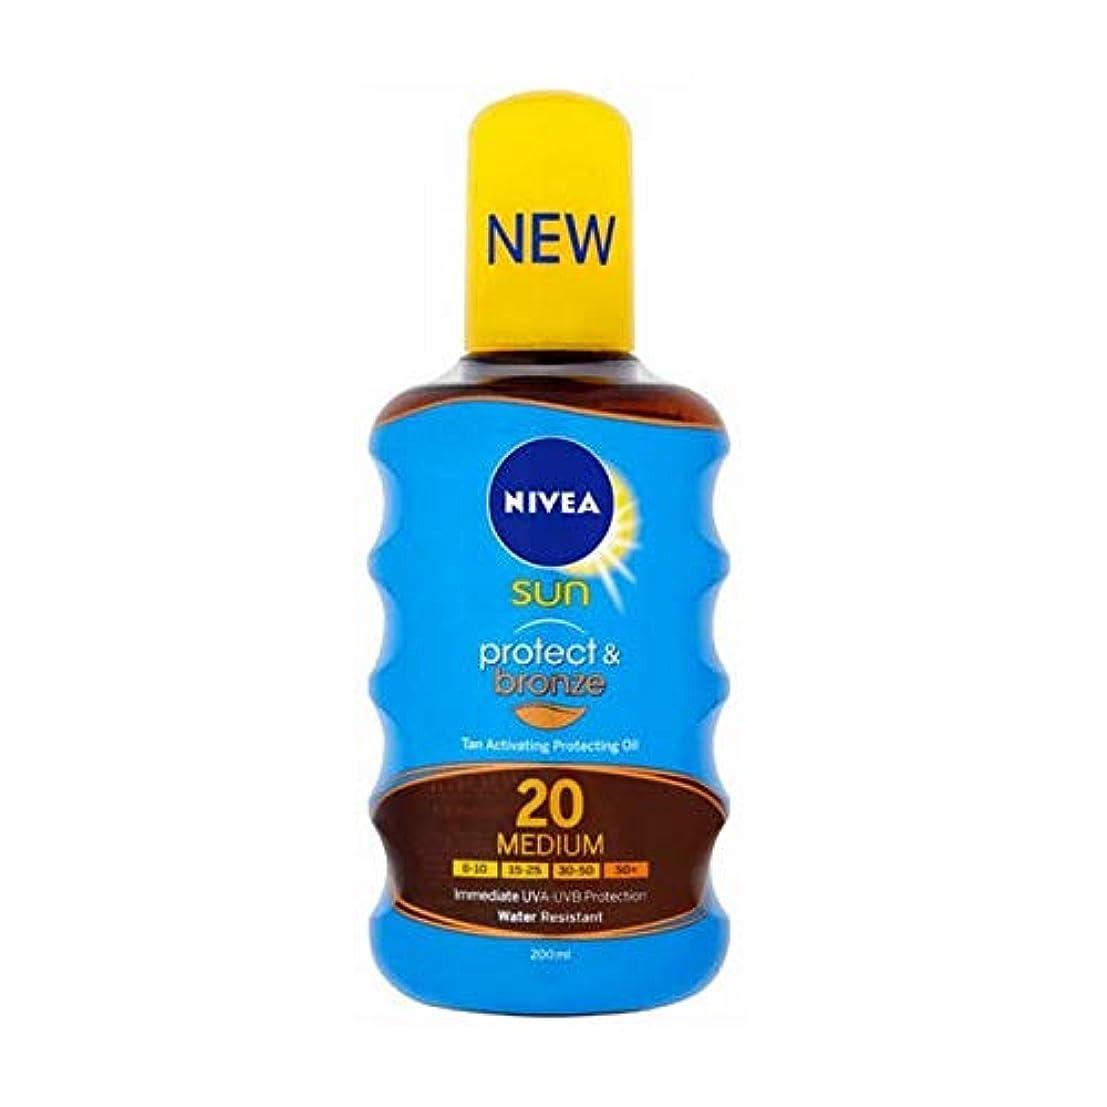 不機嫌高齢者自発的[Nivea ] ニベア日焼けオイルSpf20プロテクト&ブロンズ200ミリリットル活性化 - NIVEA SUN Tan Activating Oil SPF20 Protect&Bronze 200ml [並行輸入品]